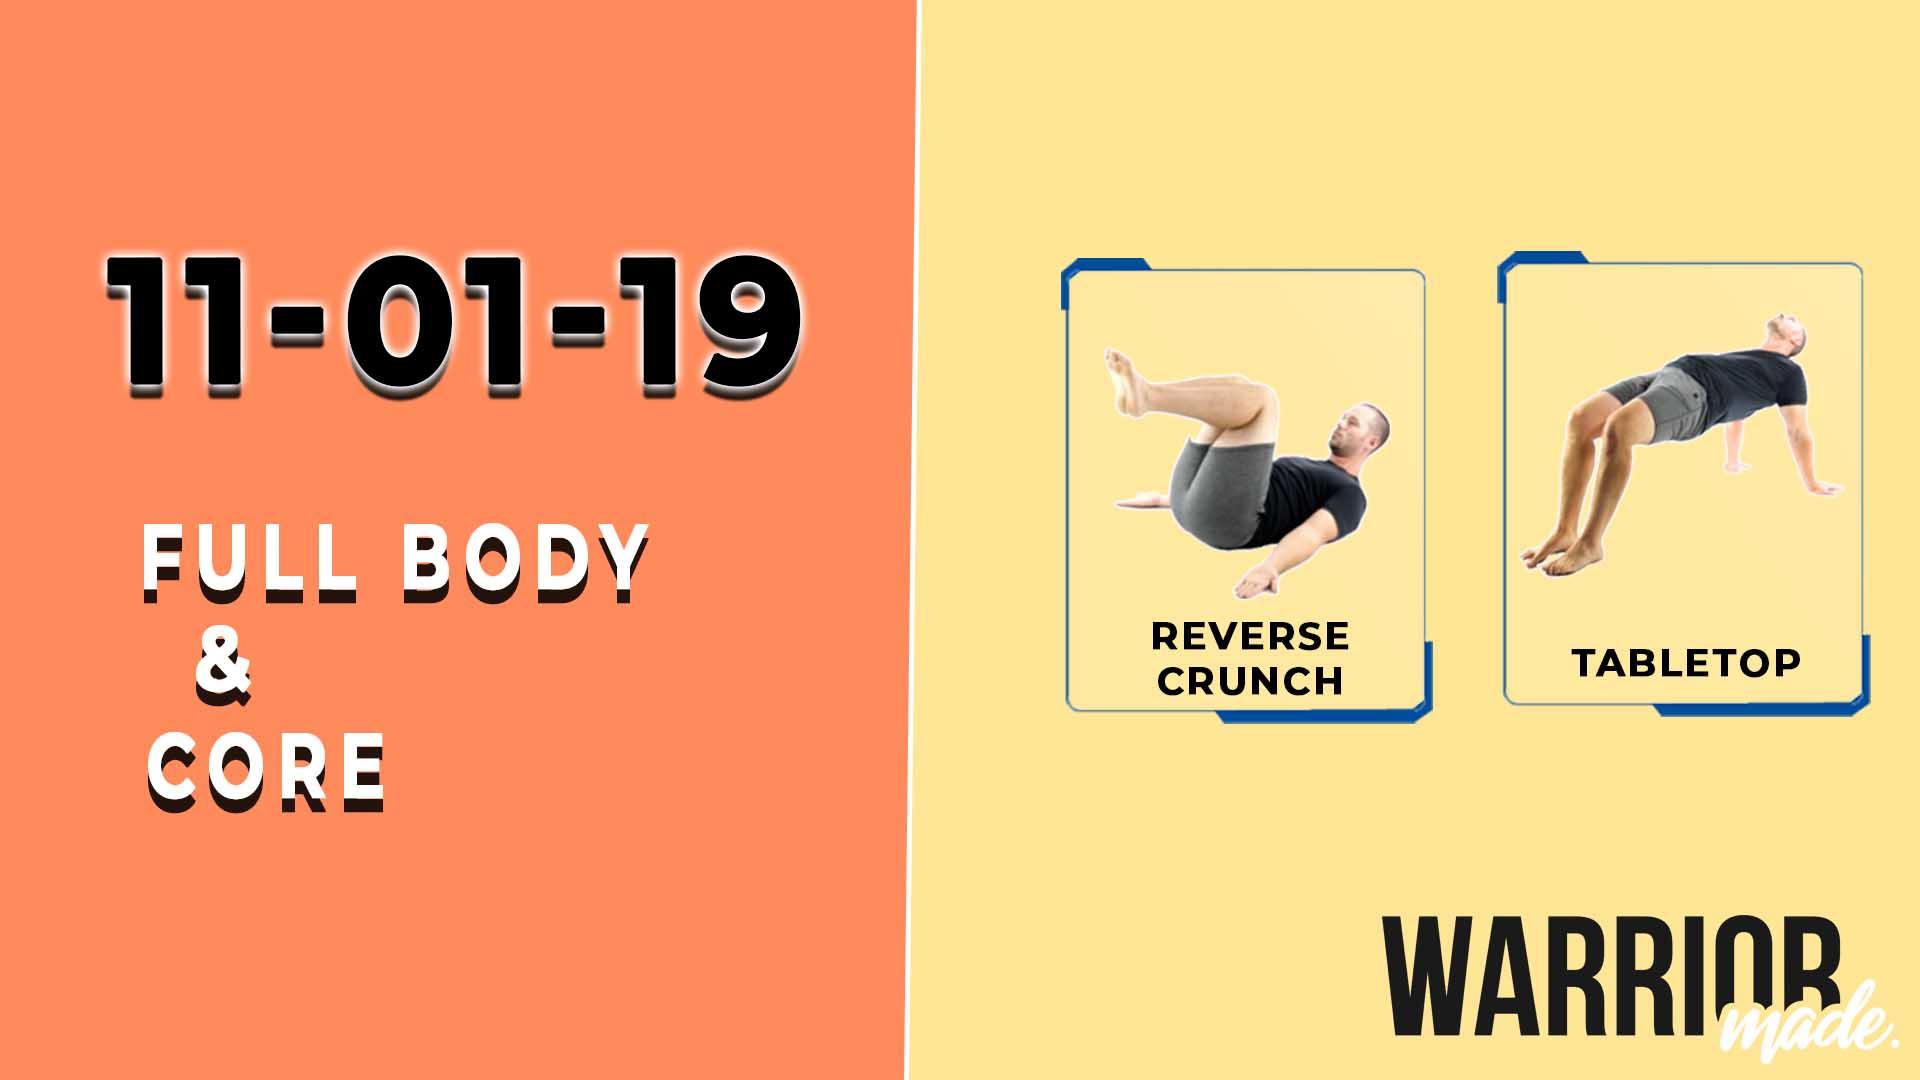 workouts-11-01-19